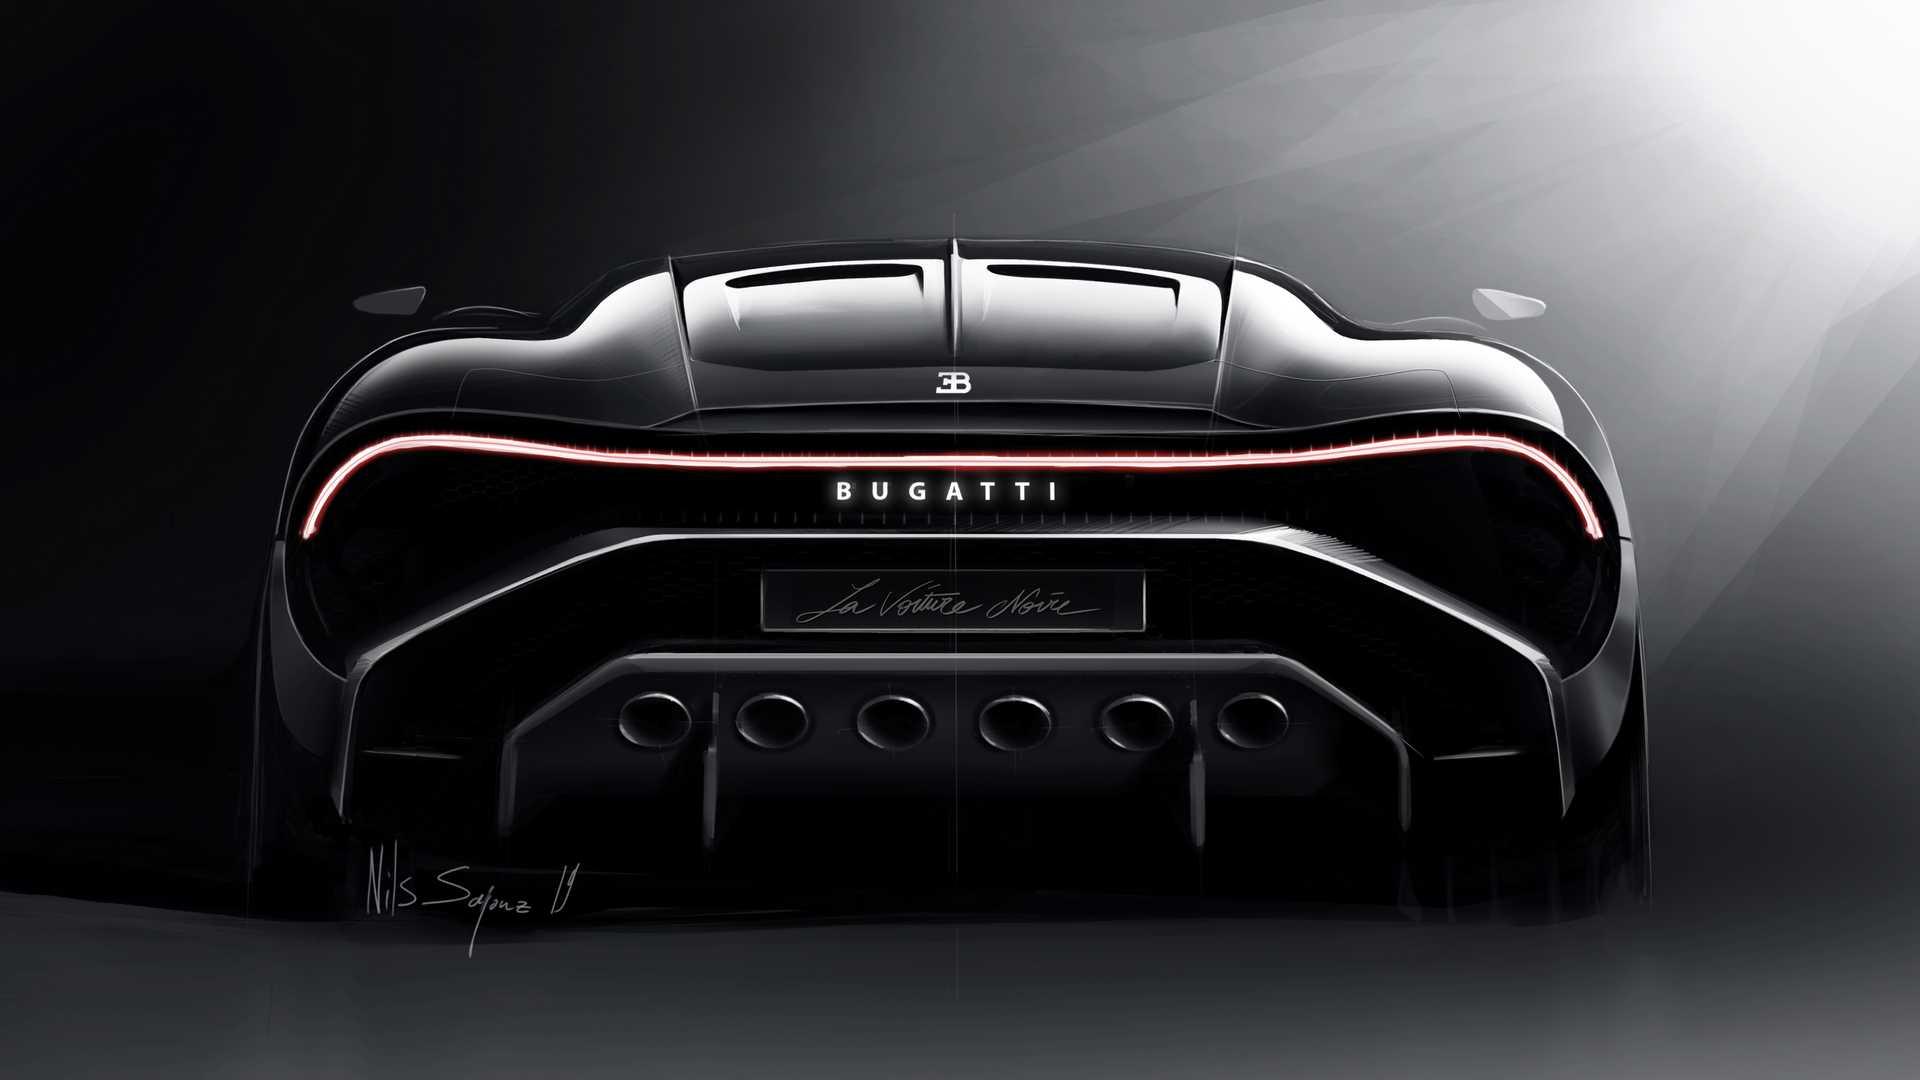 bugatti-la-voiture-noire (16)